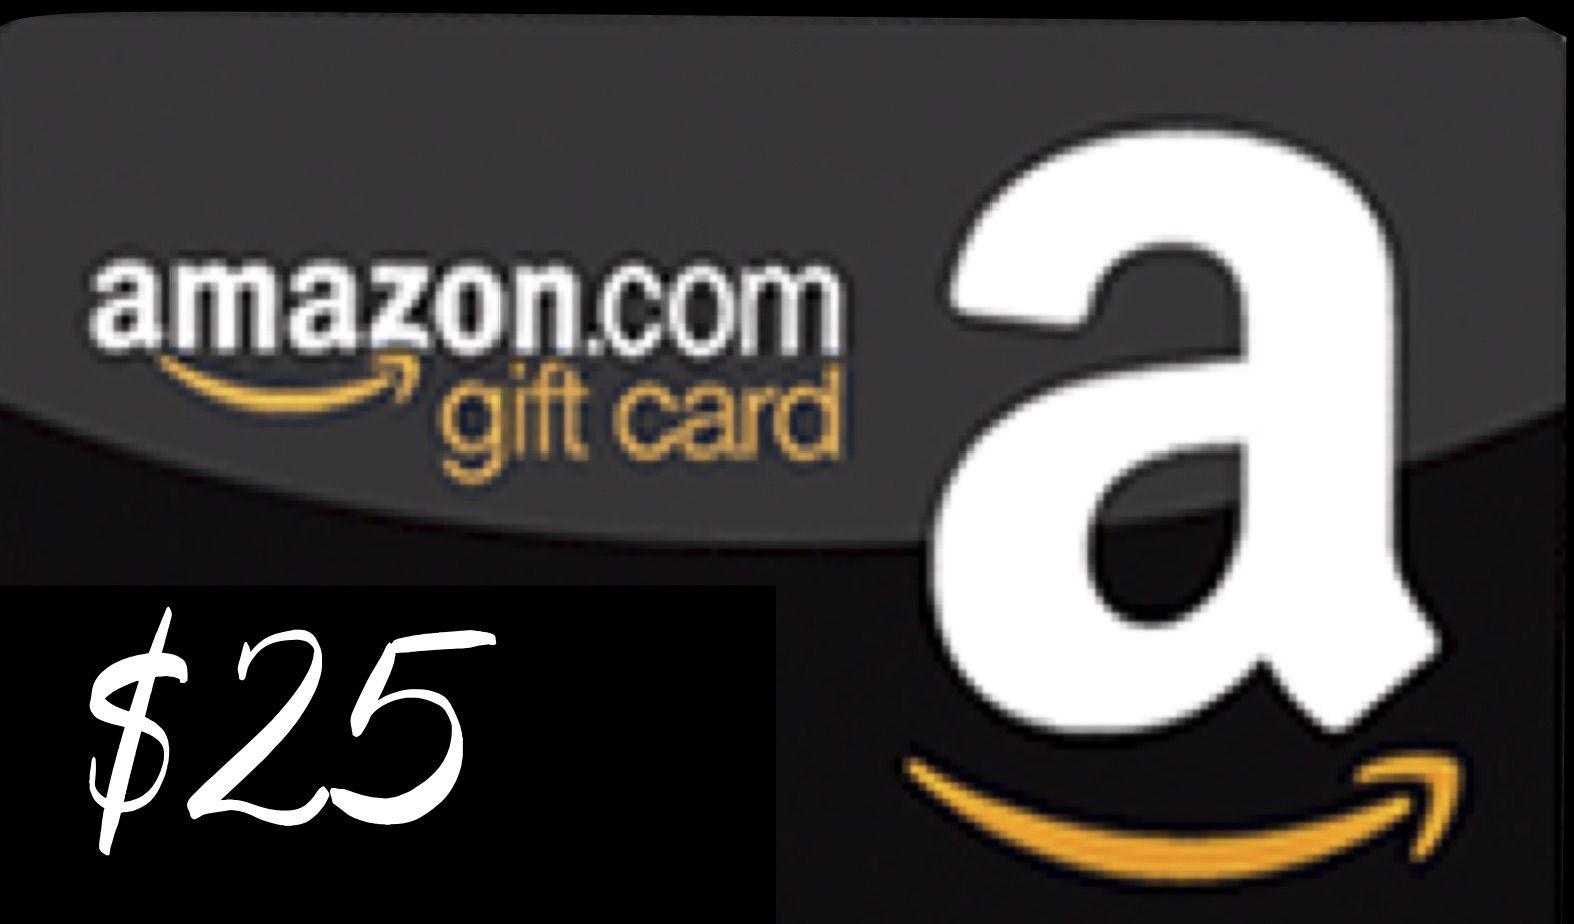 500 visa gift card walgreens